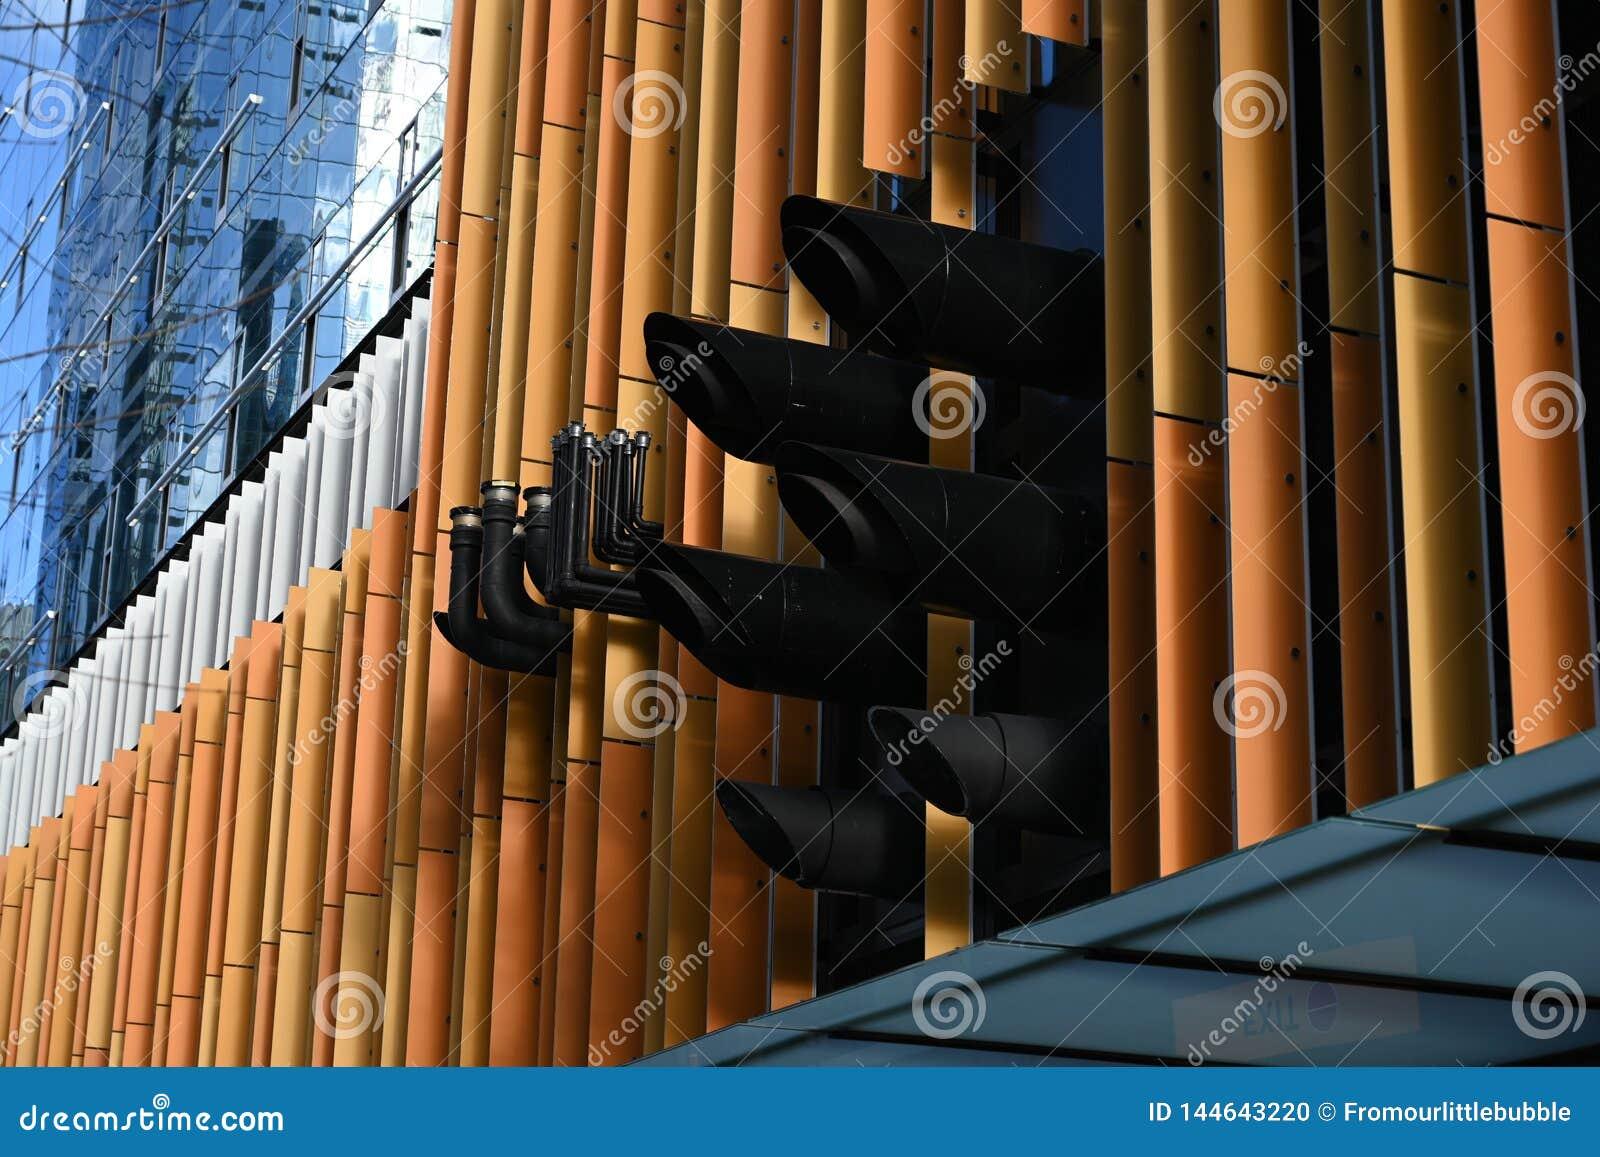 Détail du bâtiment moderne avec des tuyaux